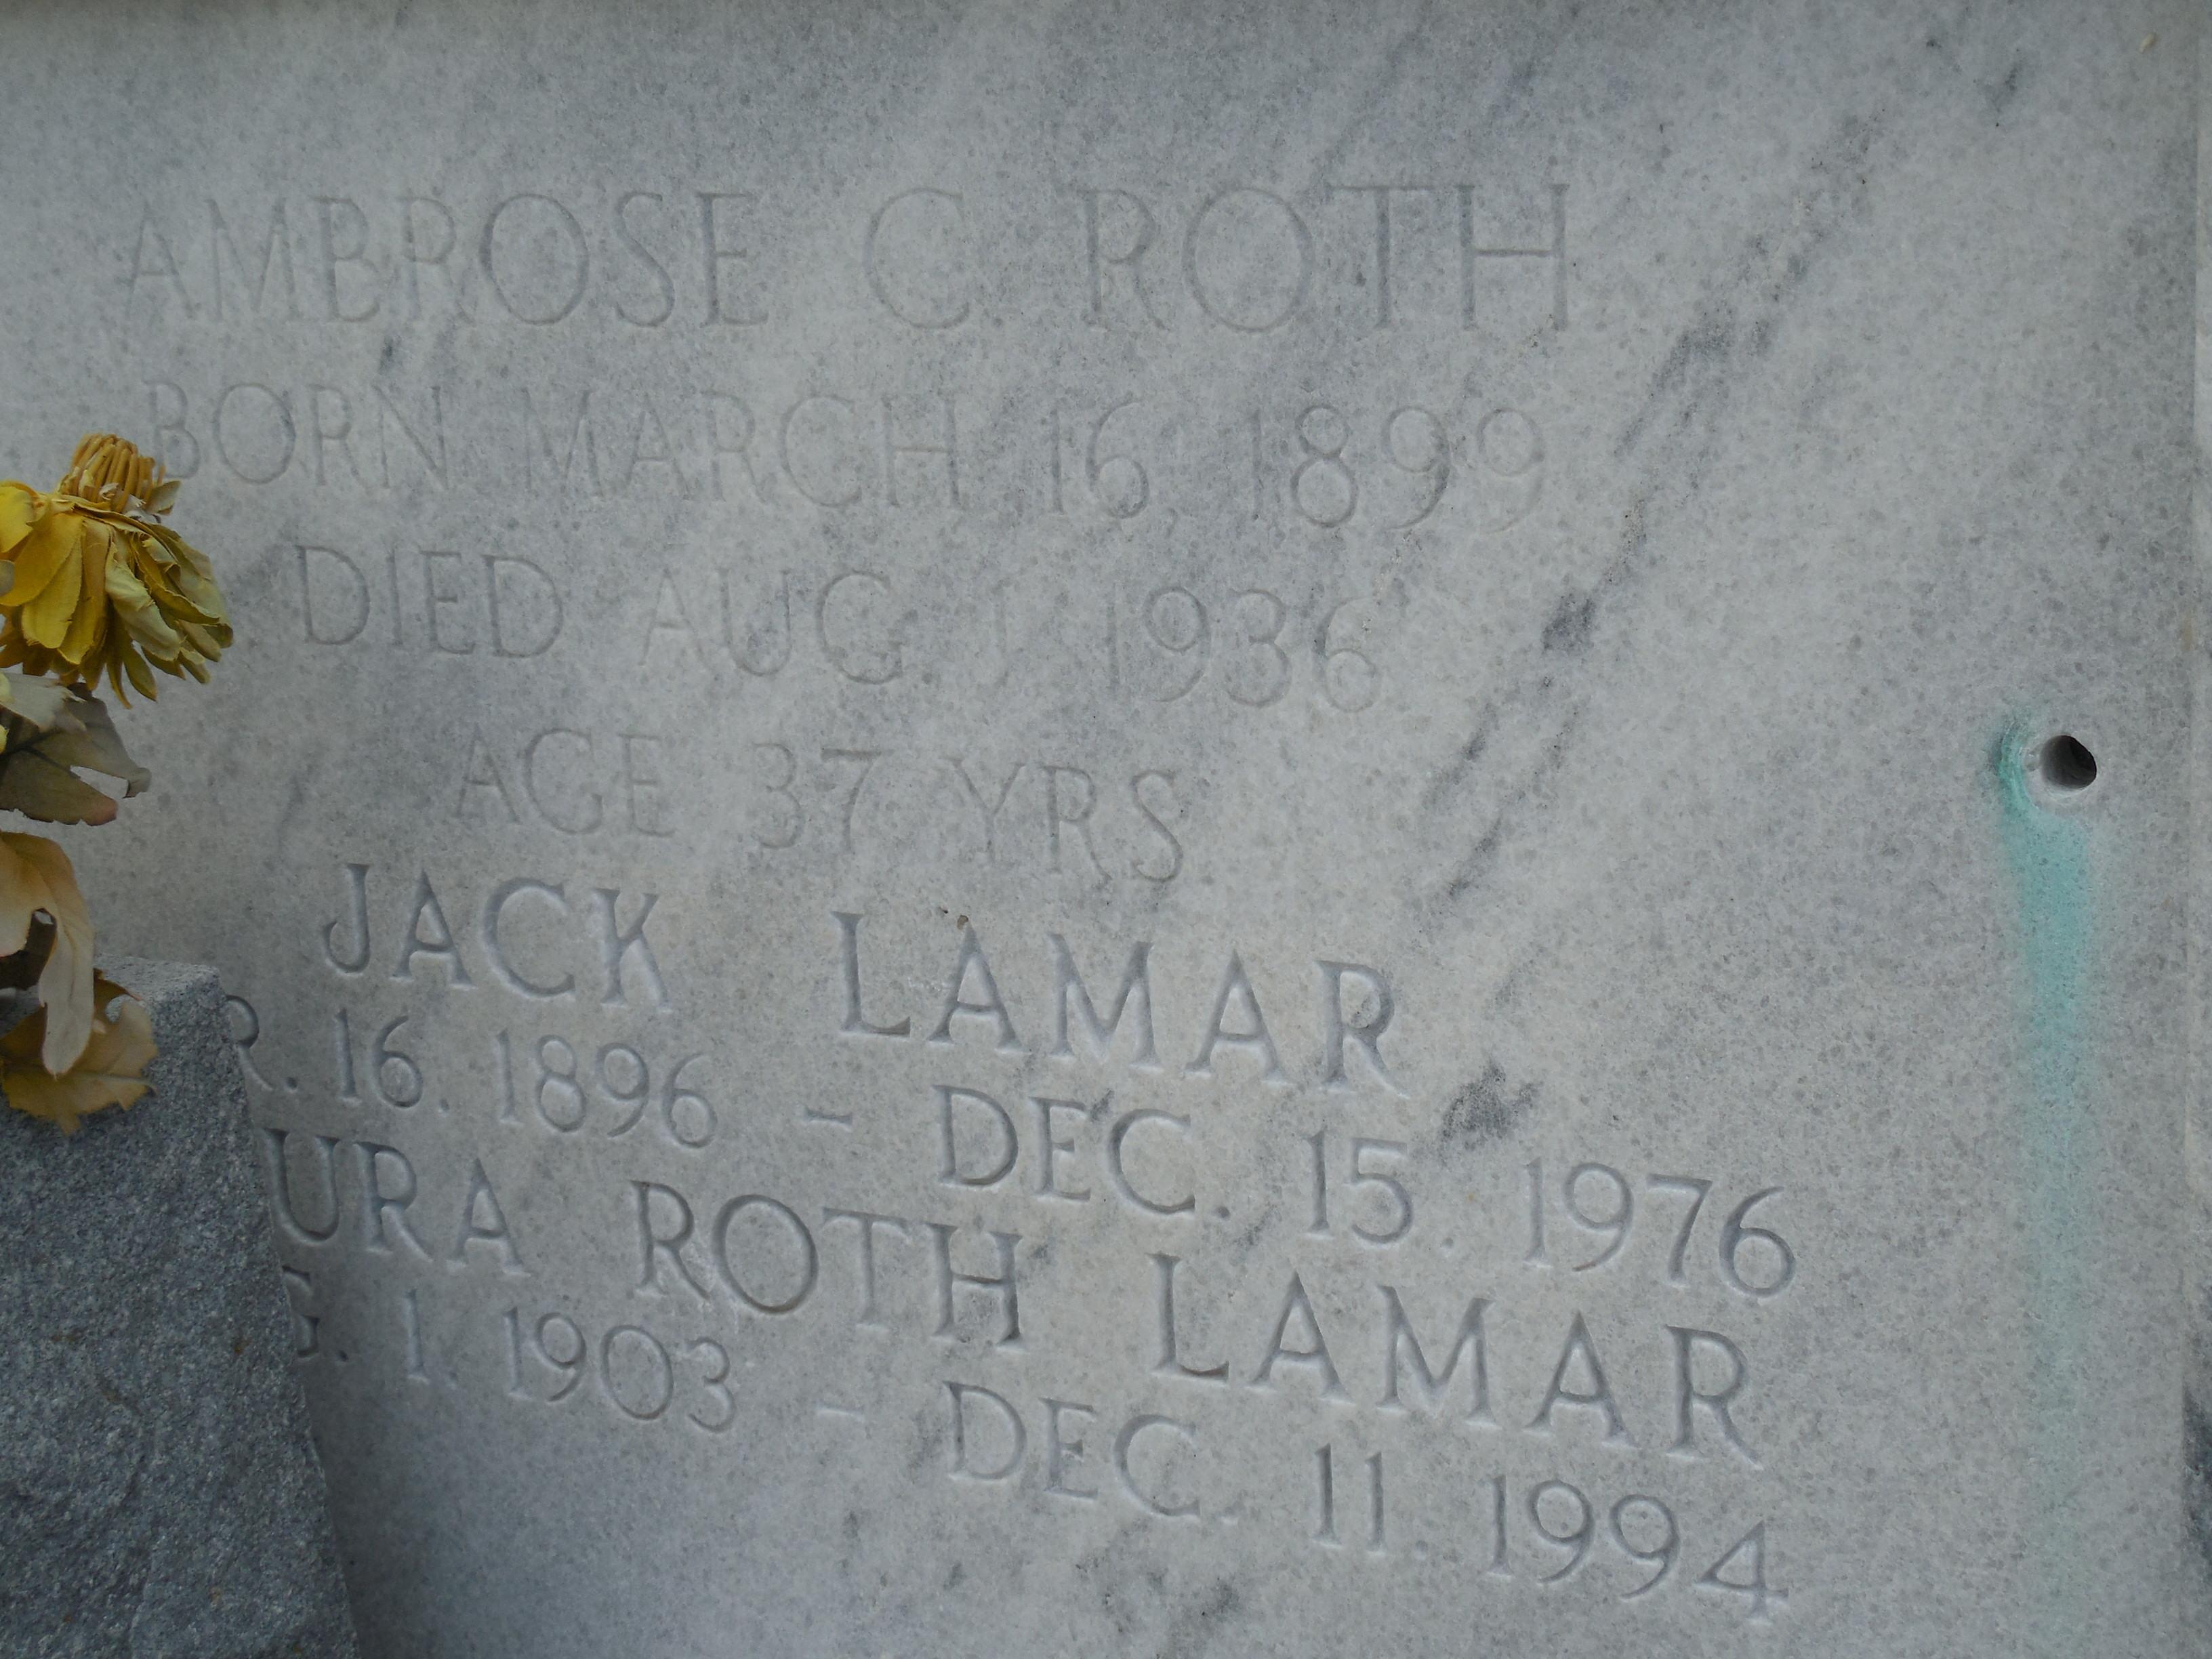 Jack Lamar